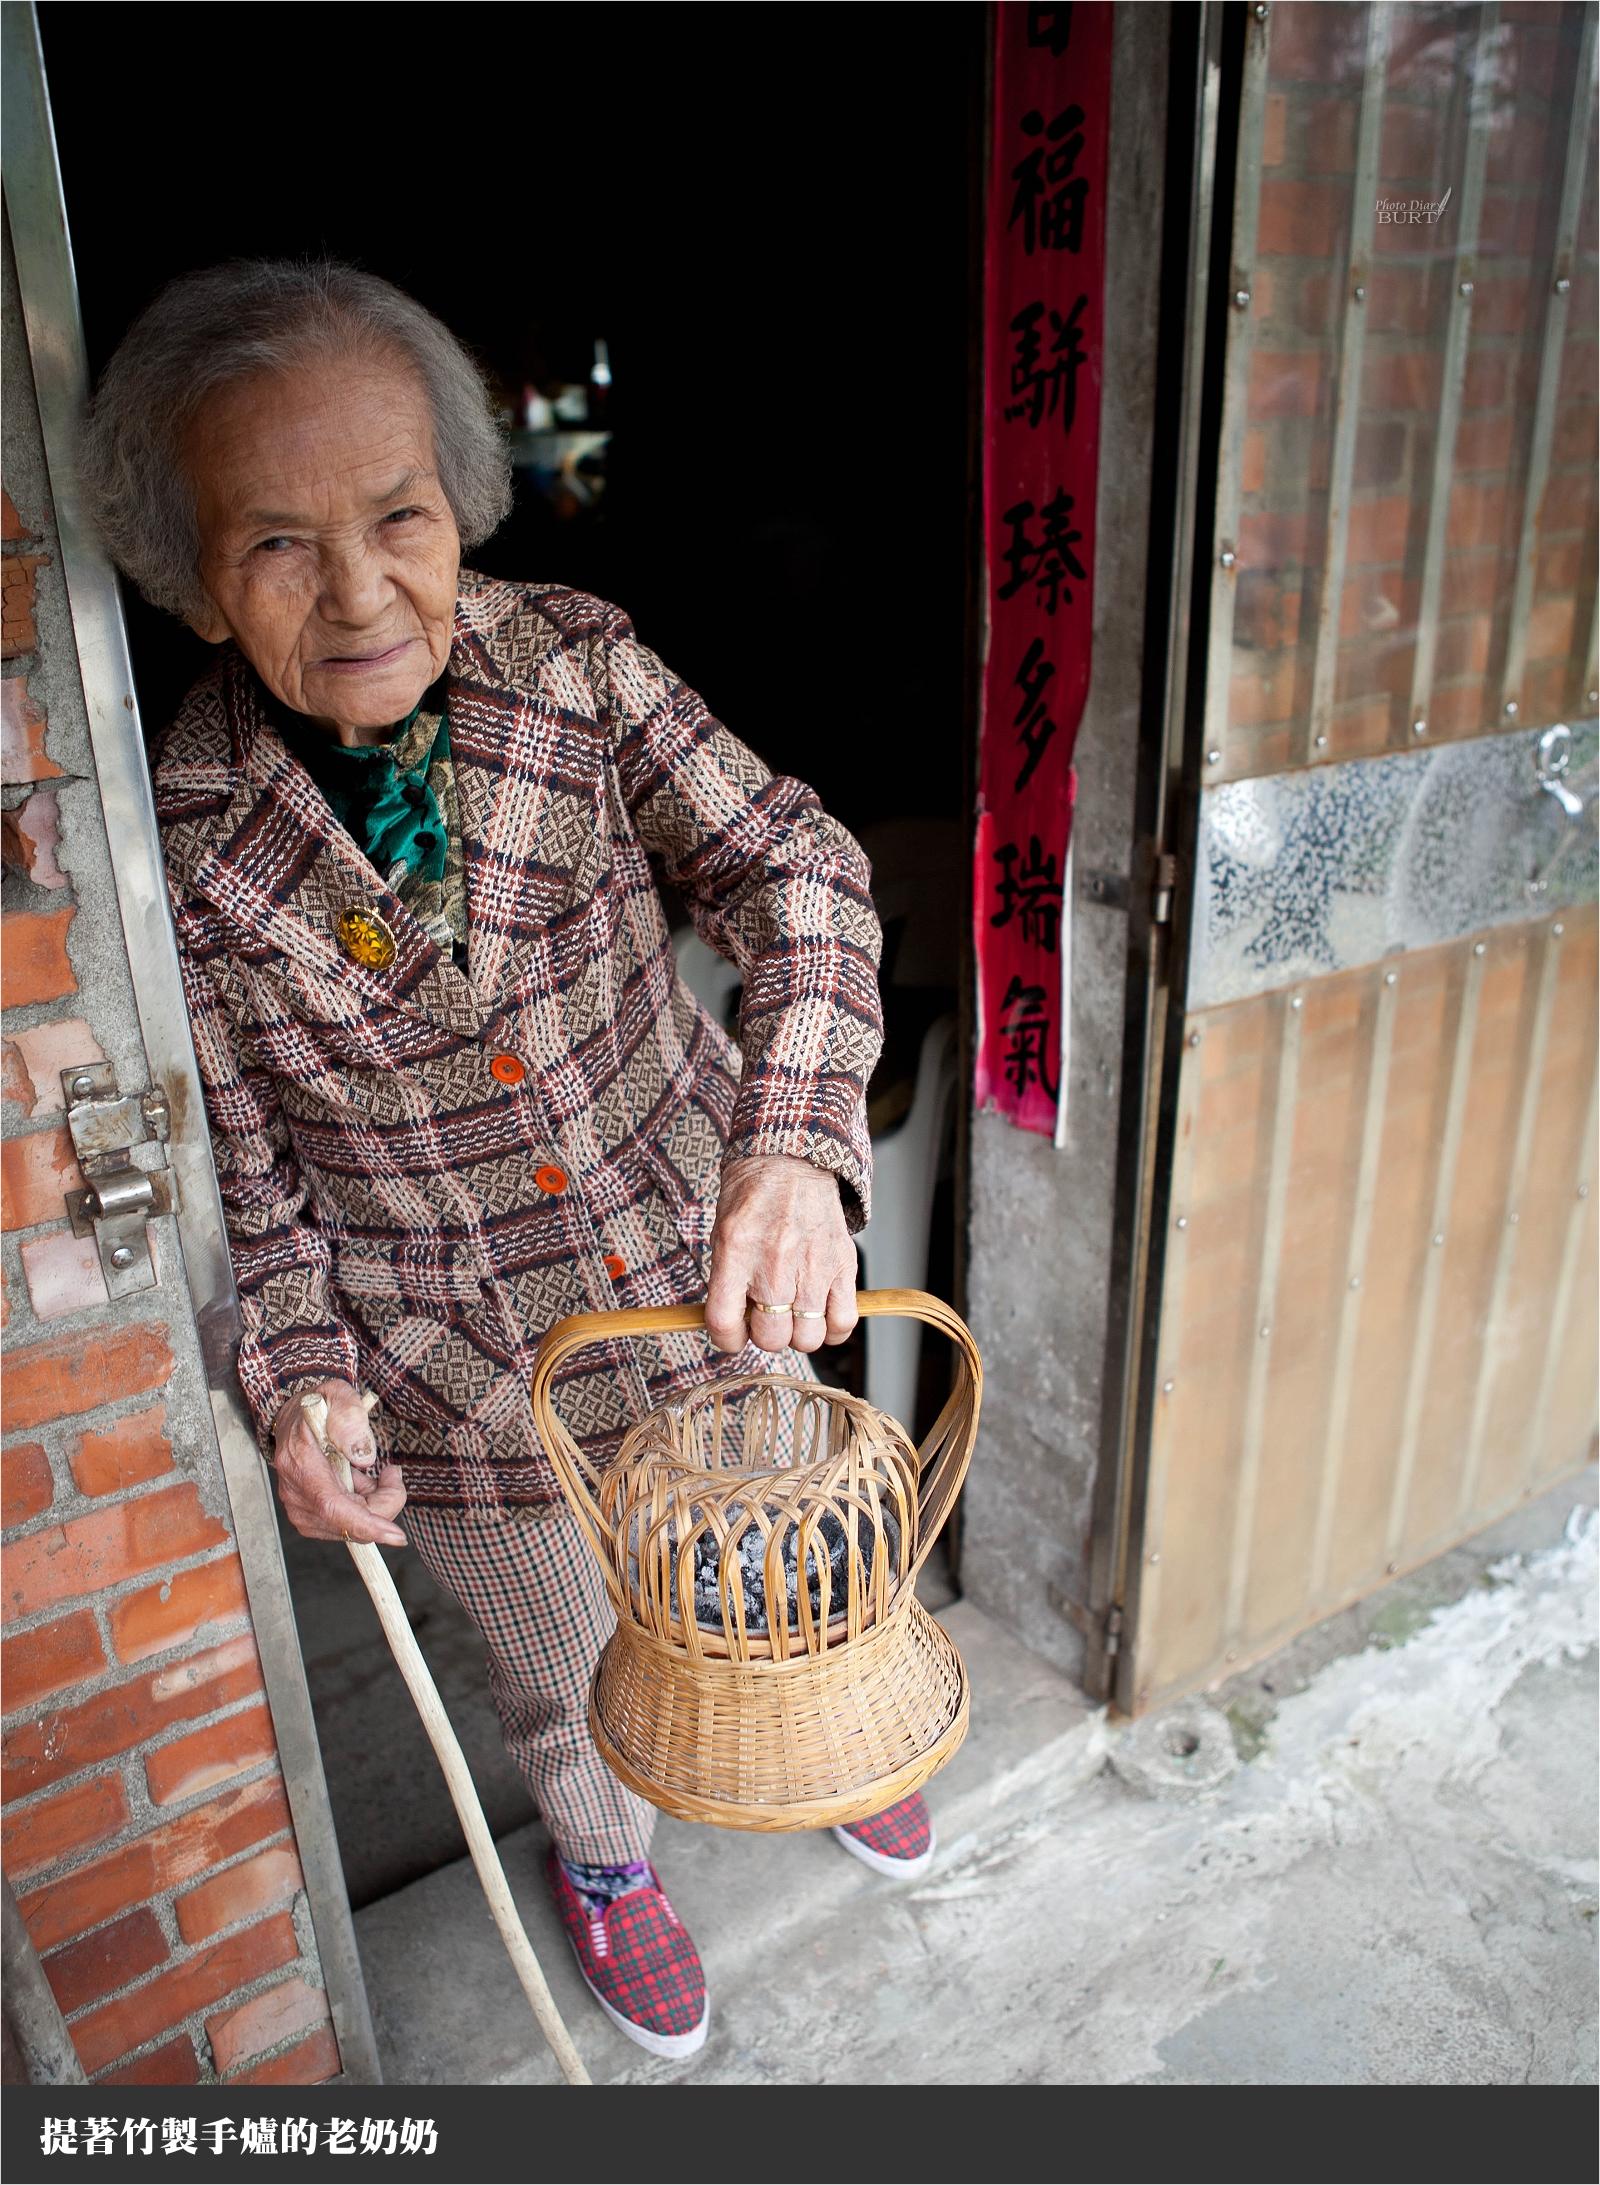 提著竹製手爐的老奶奶